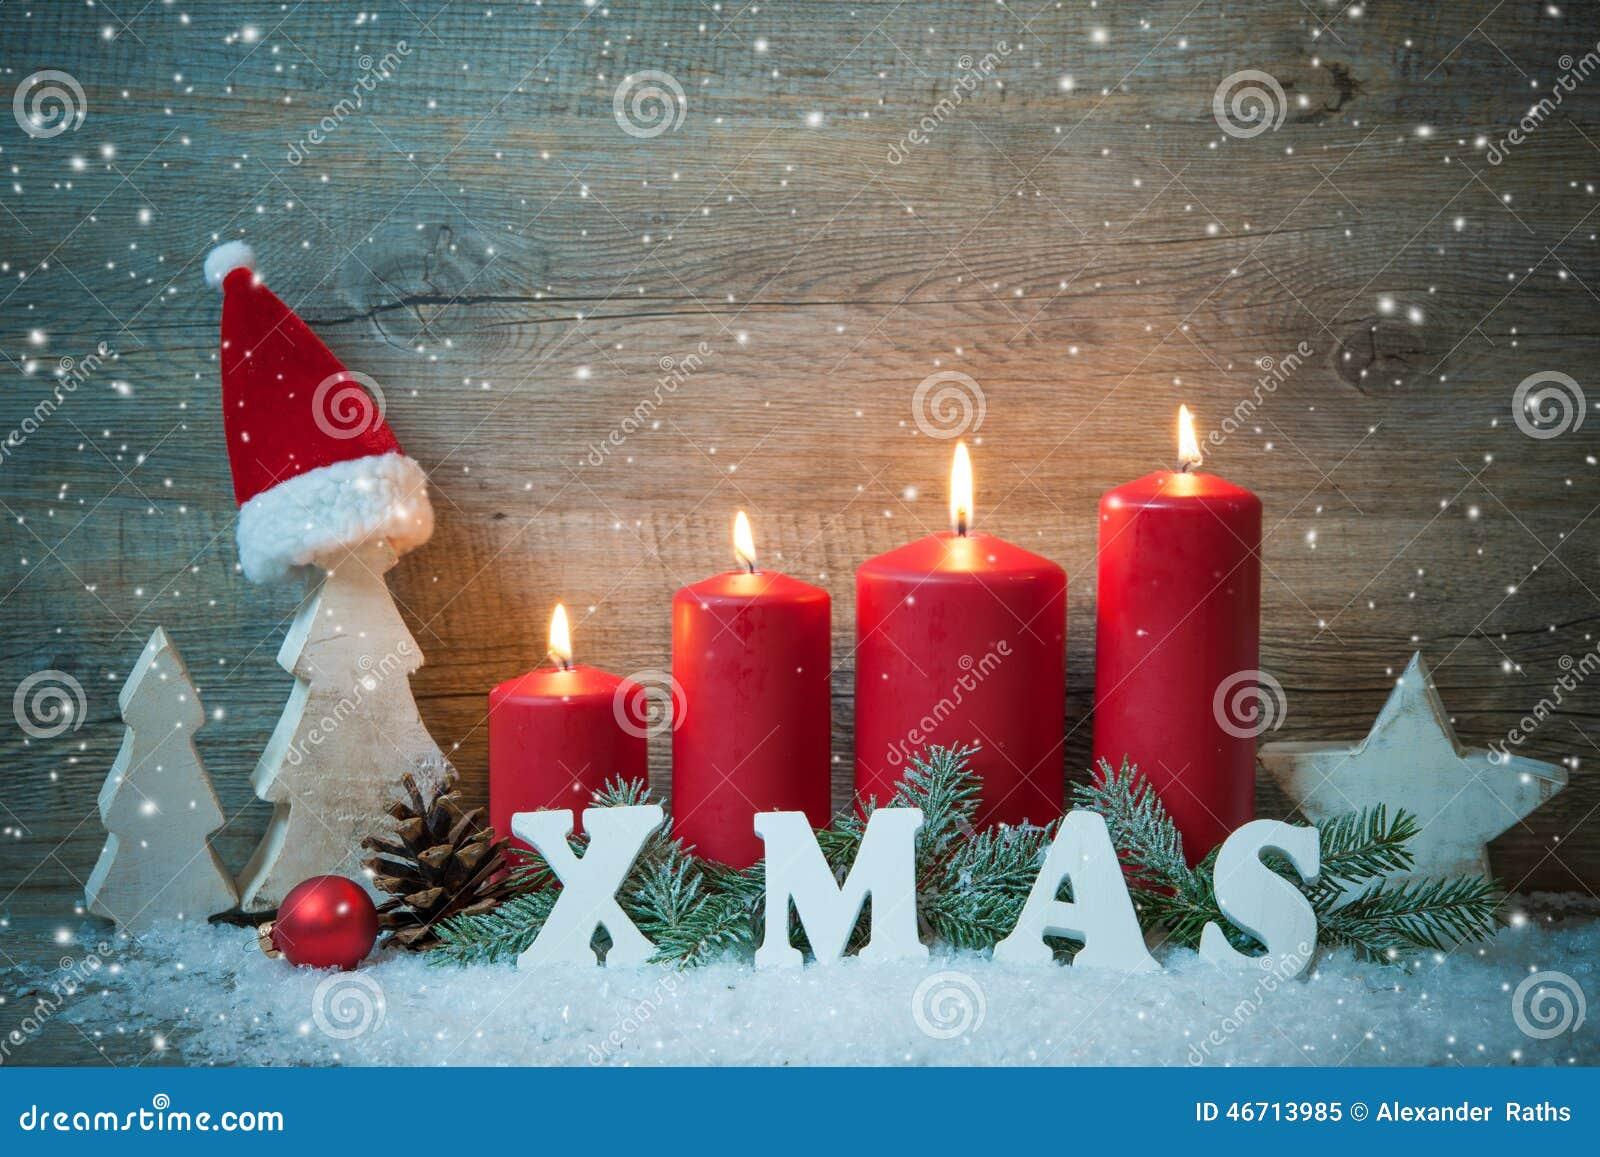 hintergrund mit kerzen und schneeflocken f r weihnachten stockfoto bild 46713985. Black Bedroom Furniture Sets. Home Design Ideas